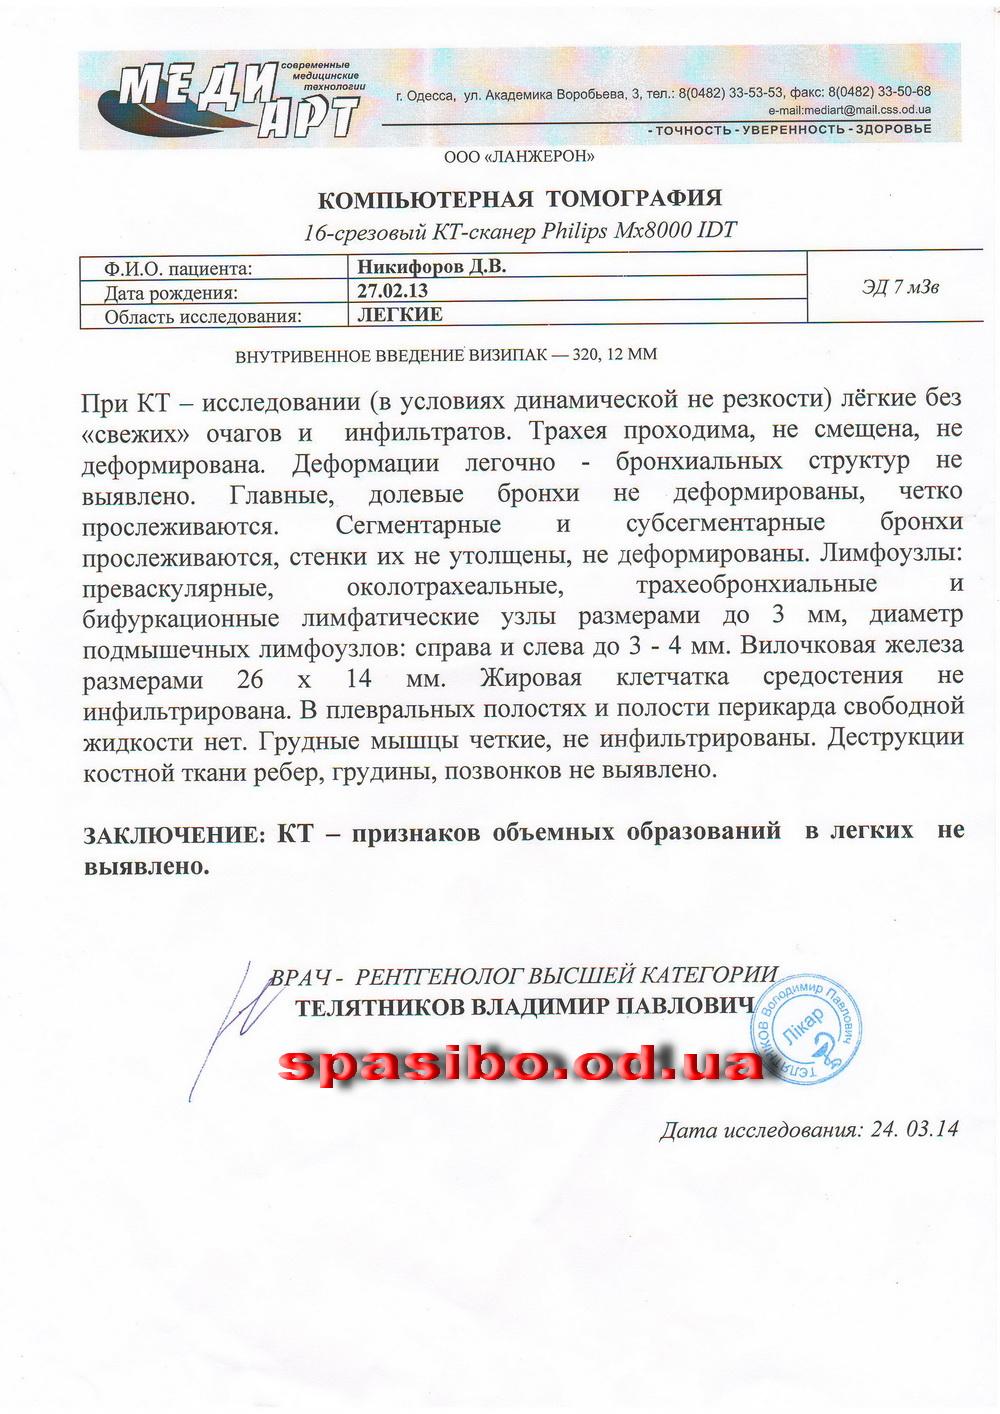 КТ_легкие_24.03.14